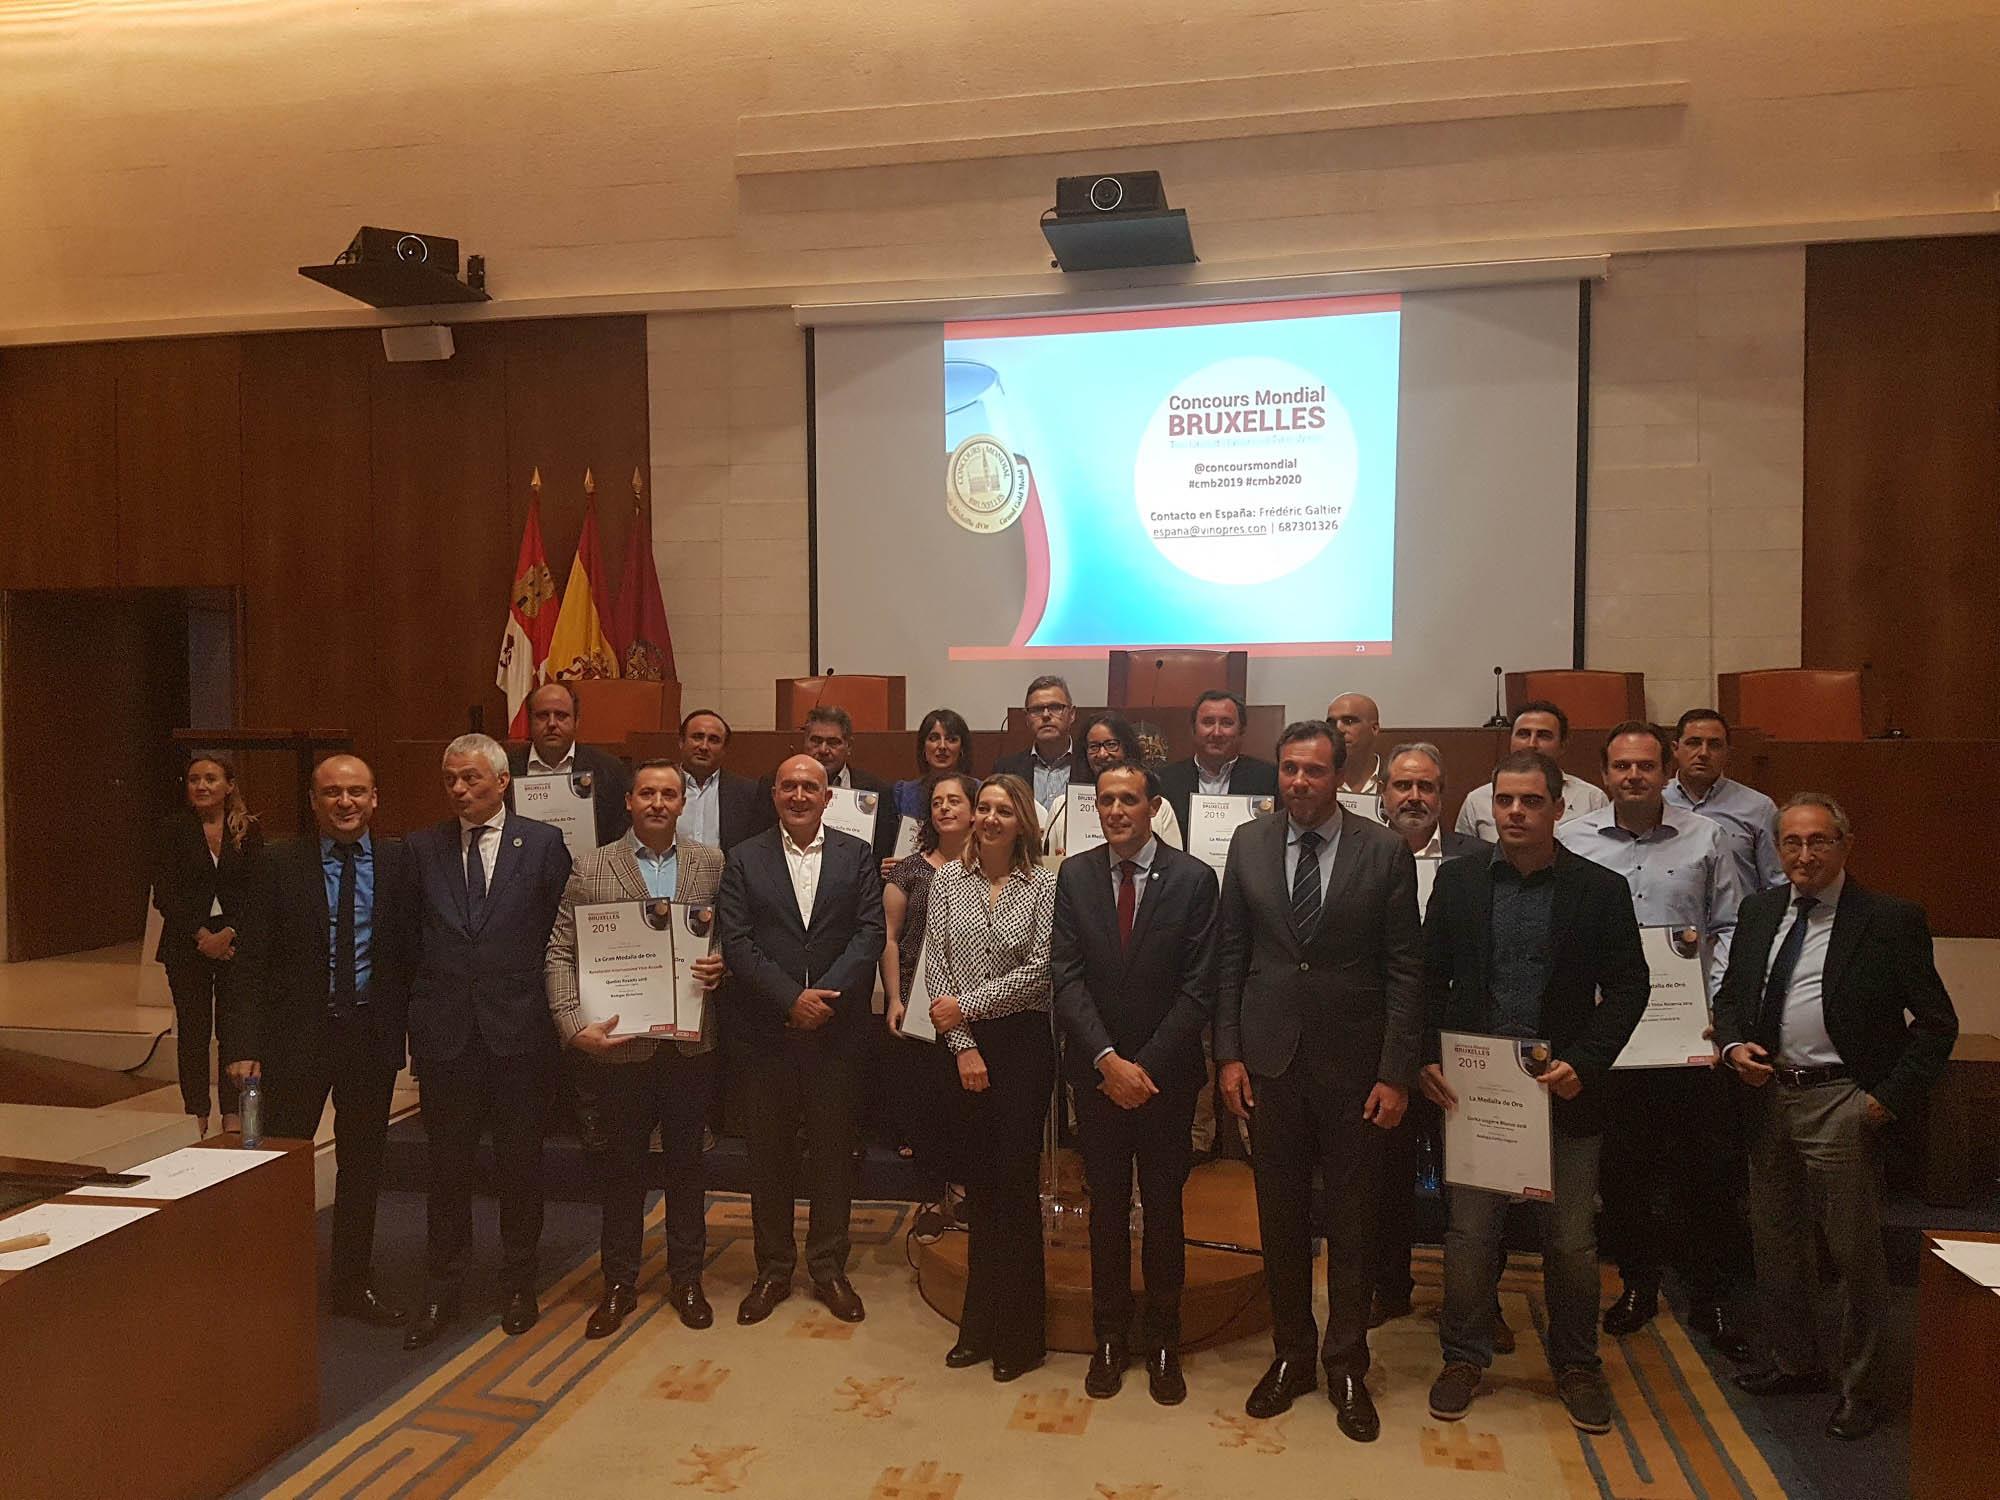 El Mundial de Bruselas entrega sus premios en la Denominación de Origen Cigales